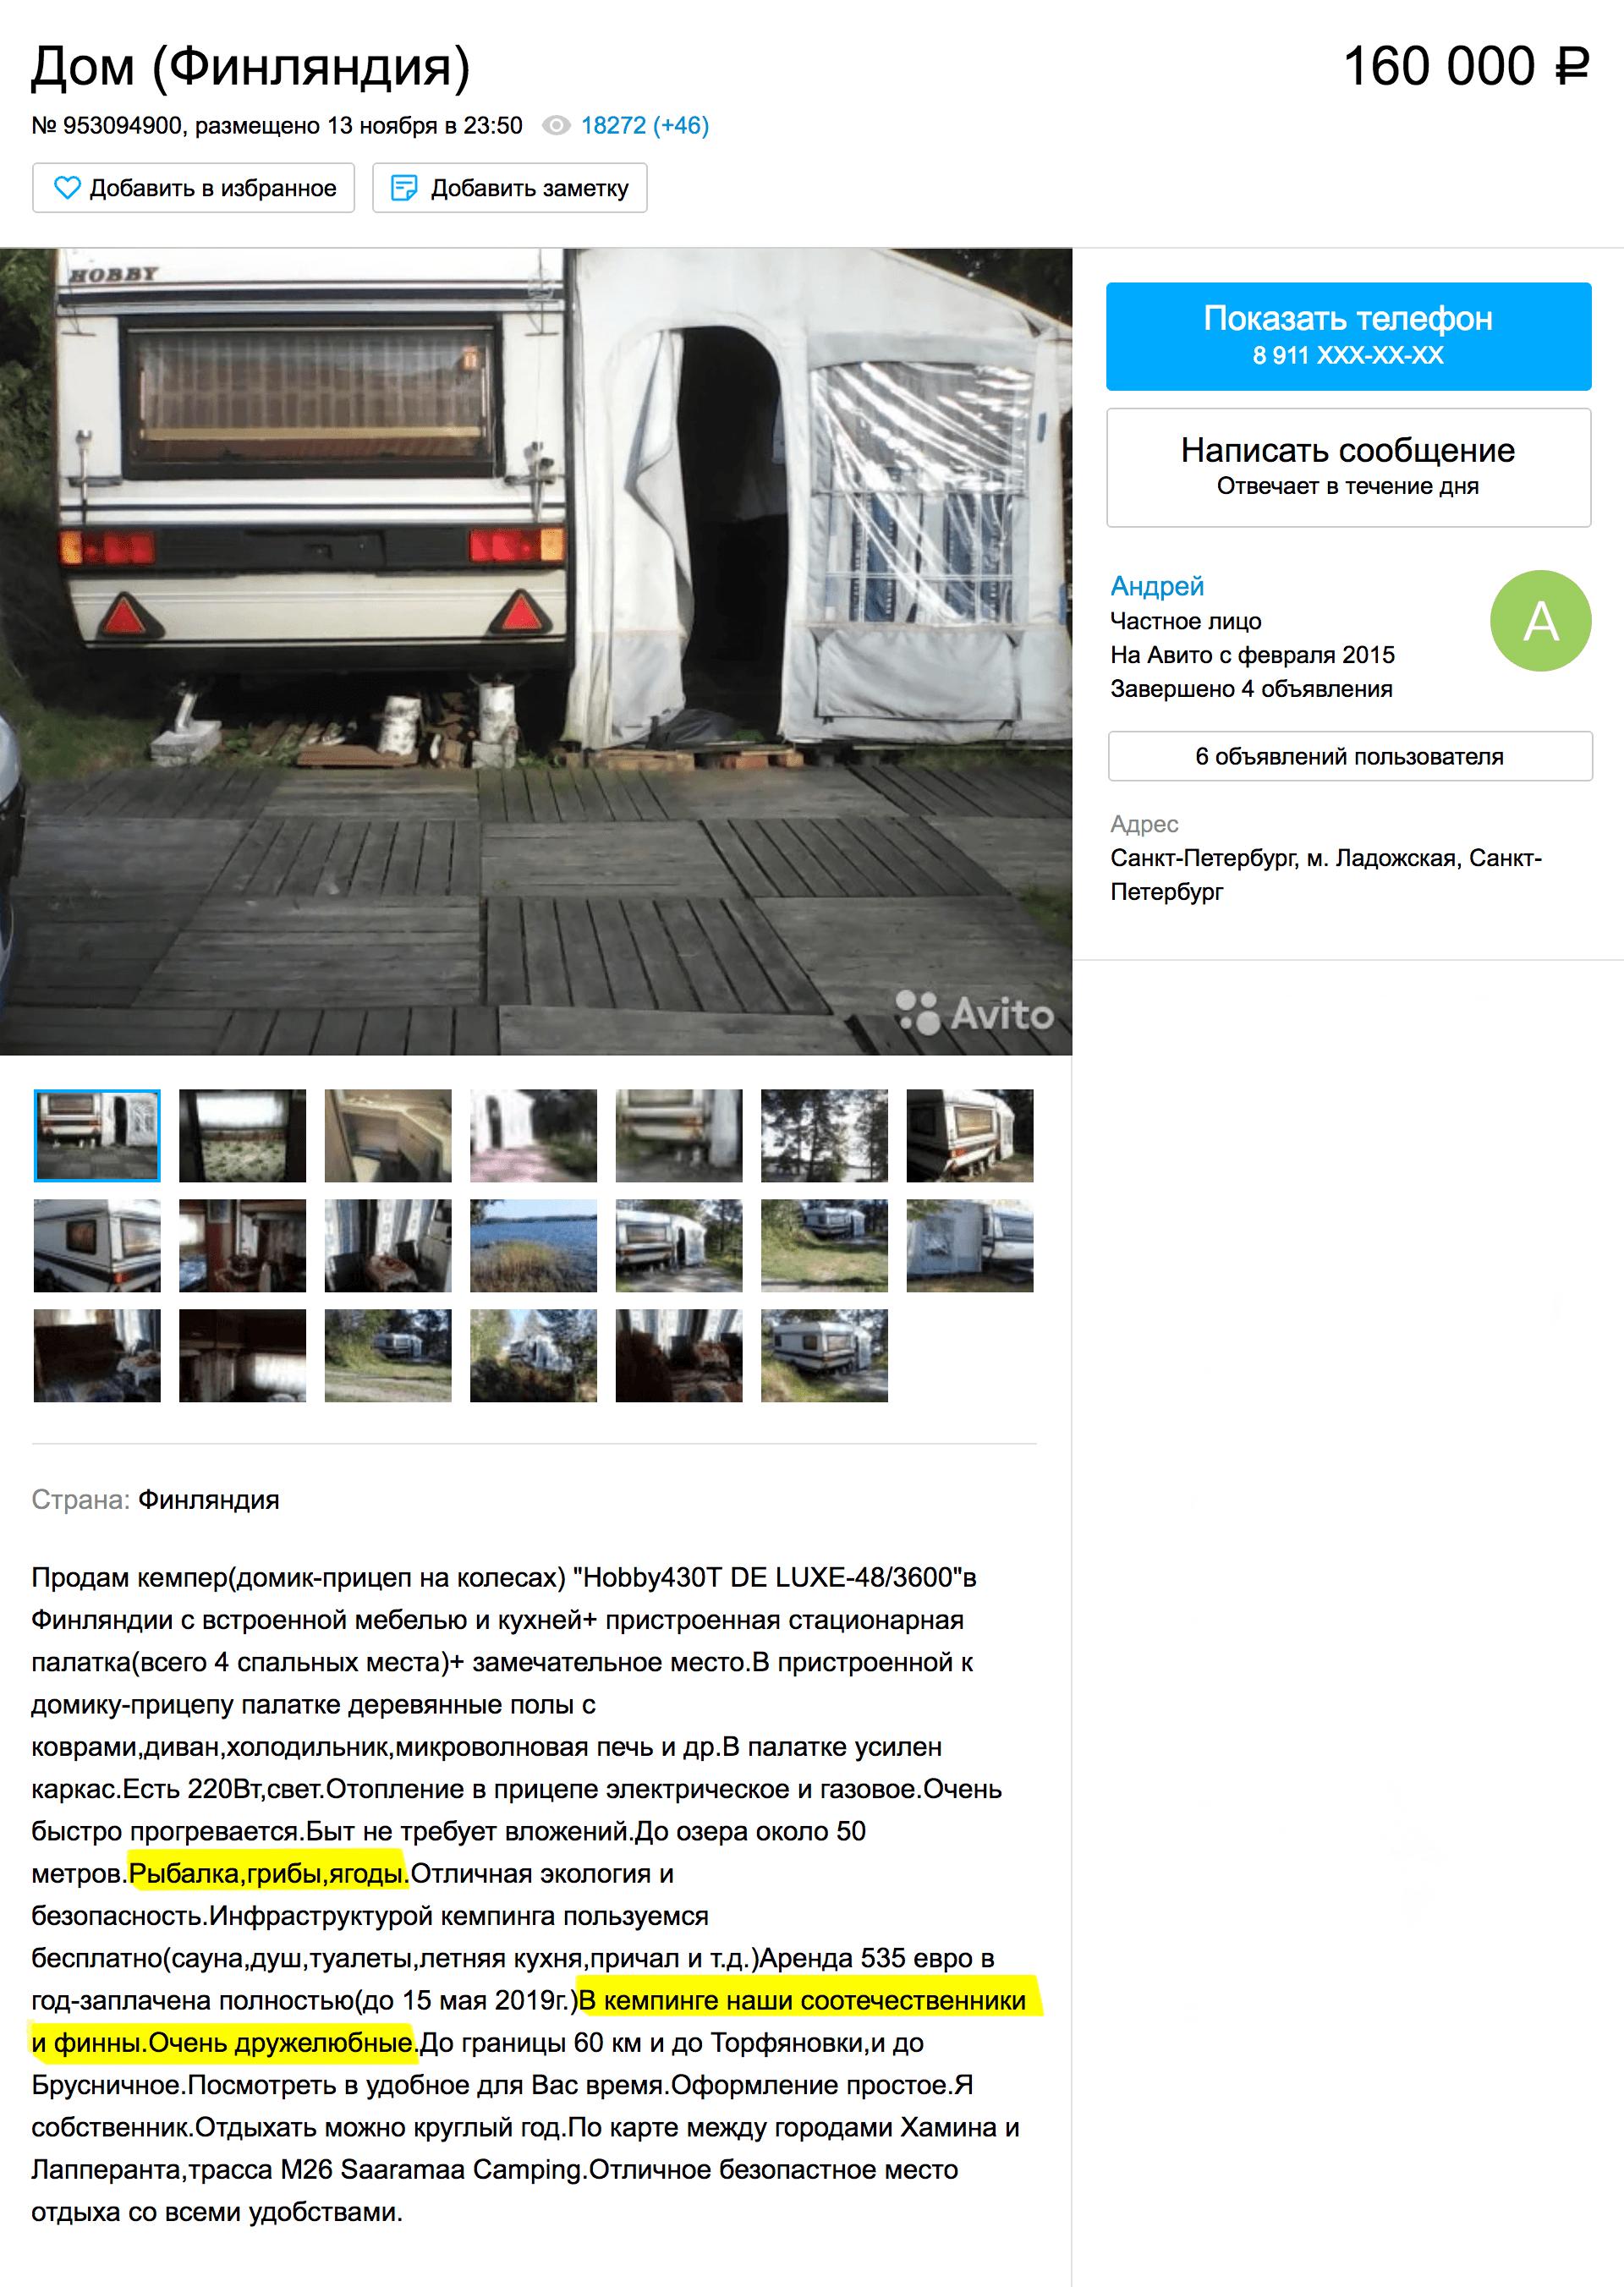 Рыбалка, грибы, ягоды и дружелюбные финны за 160 тысяч рублей. Объявление на «Авито»